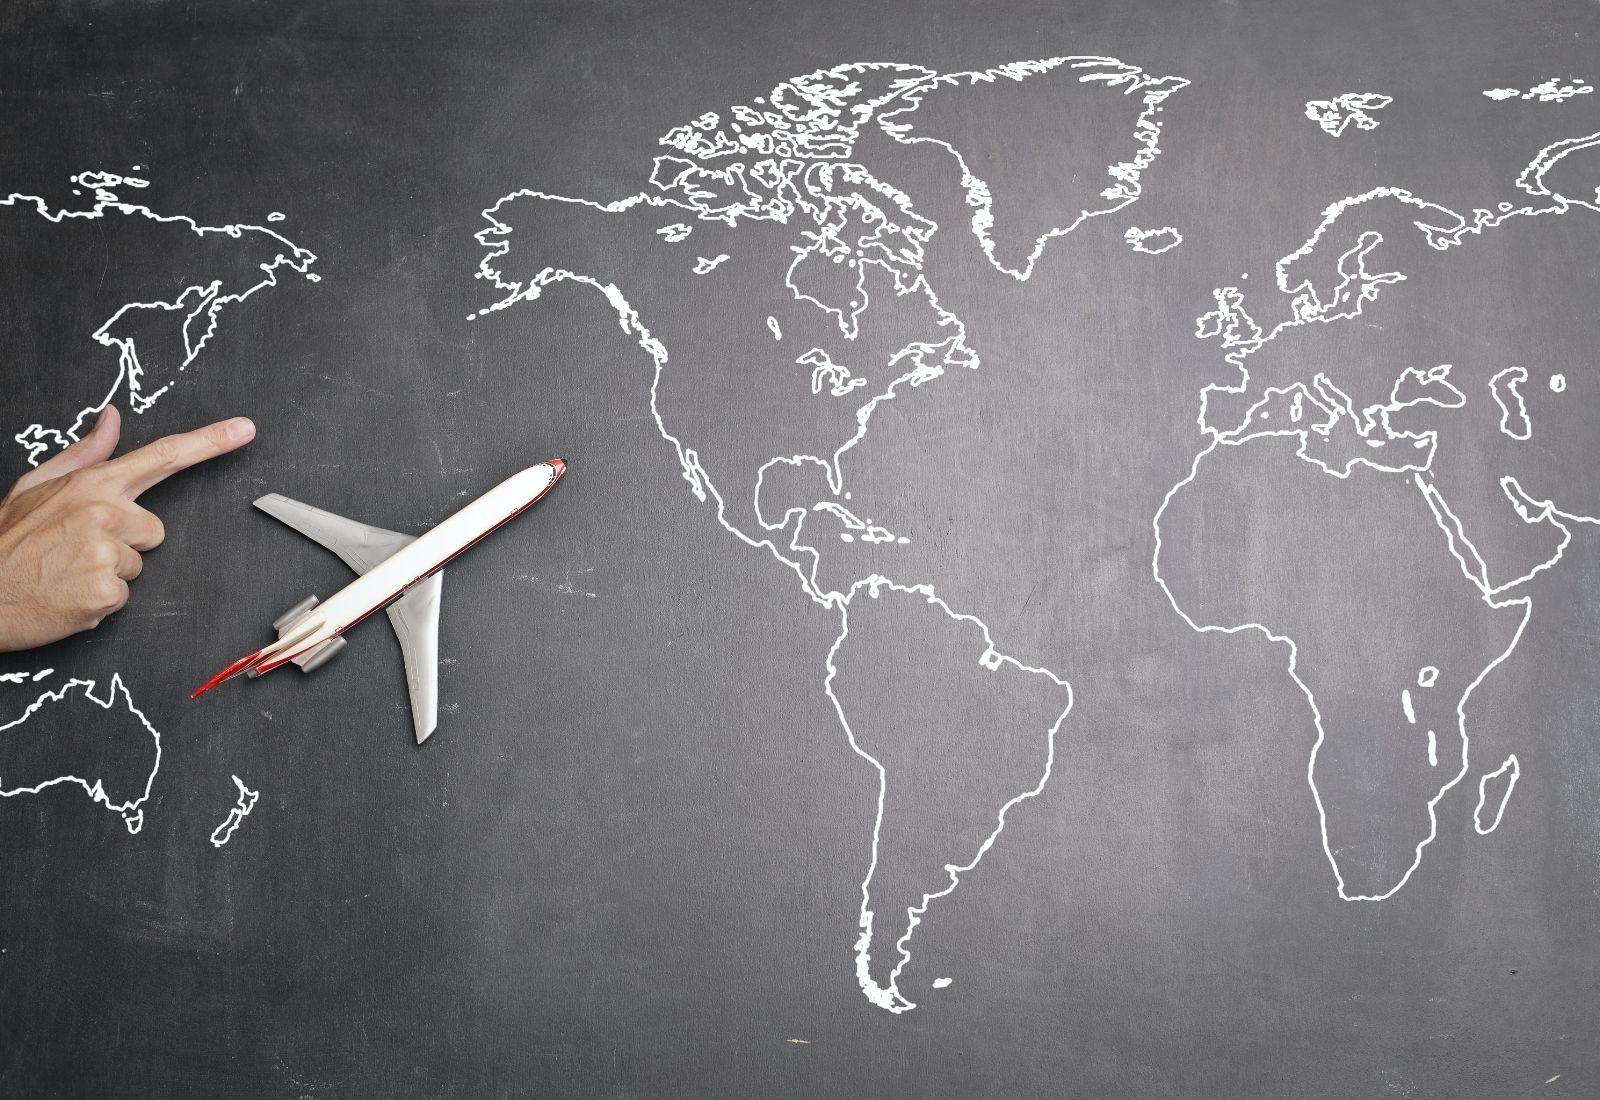 Viaggi di gruppo organizzati | L'Ufficio dei Viaggi